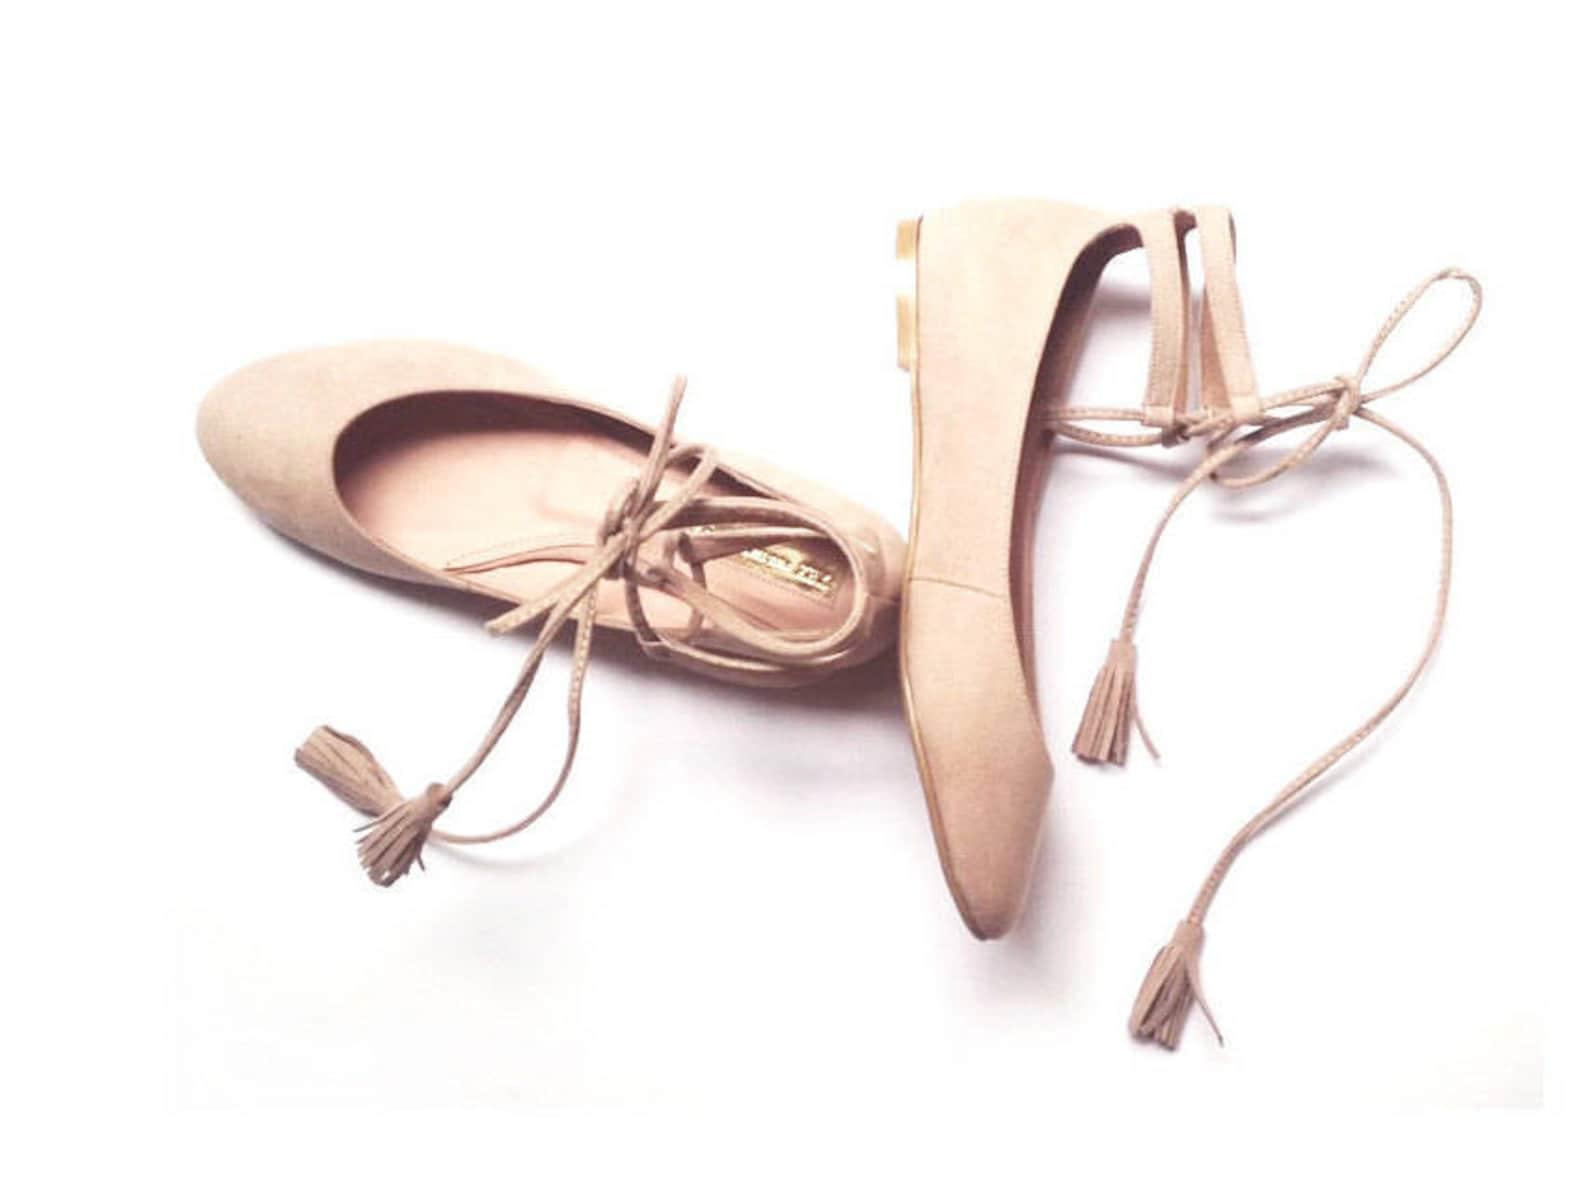 nude ballet flats - last pair! - size 9 us - rose quartz - faux suede textile / vegan lining - mina shoes mexico